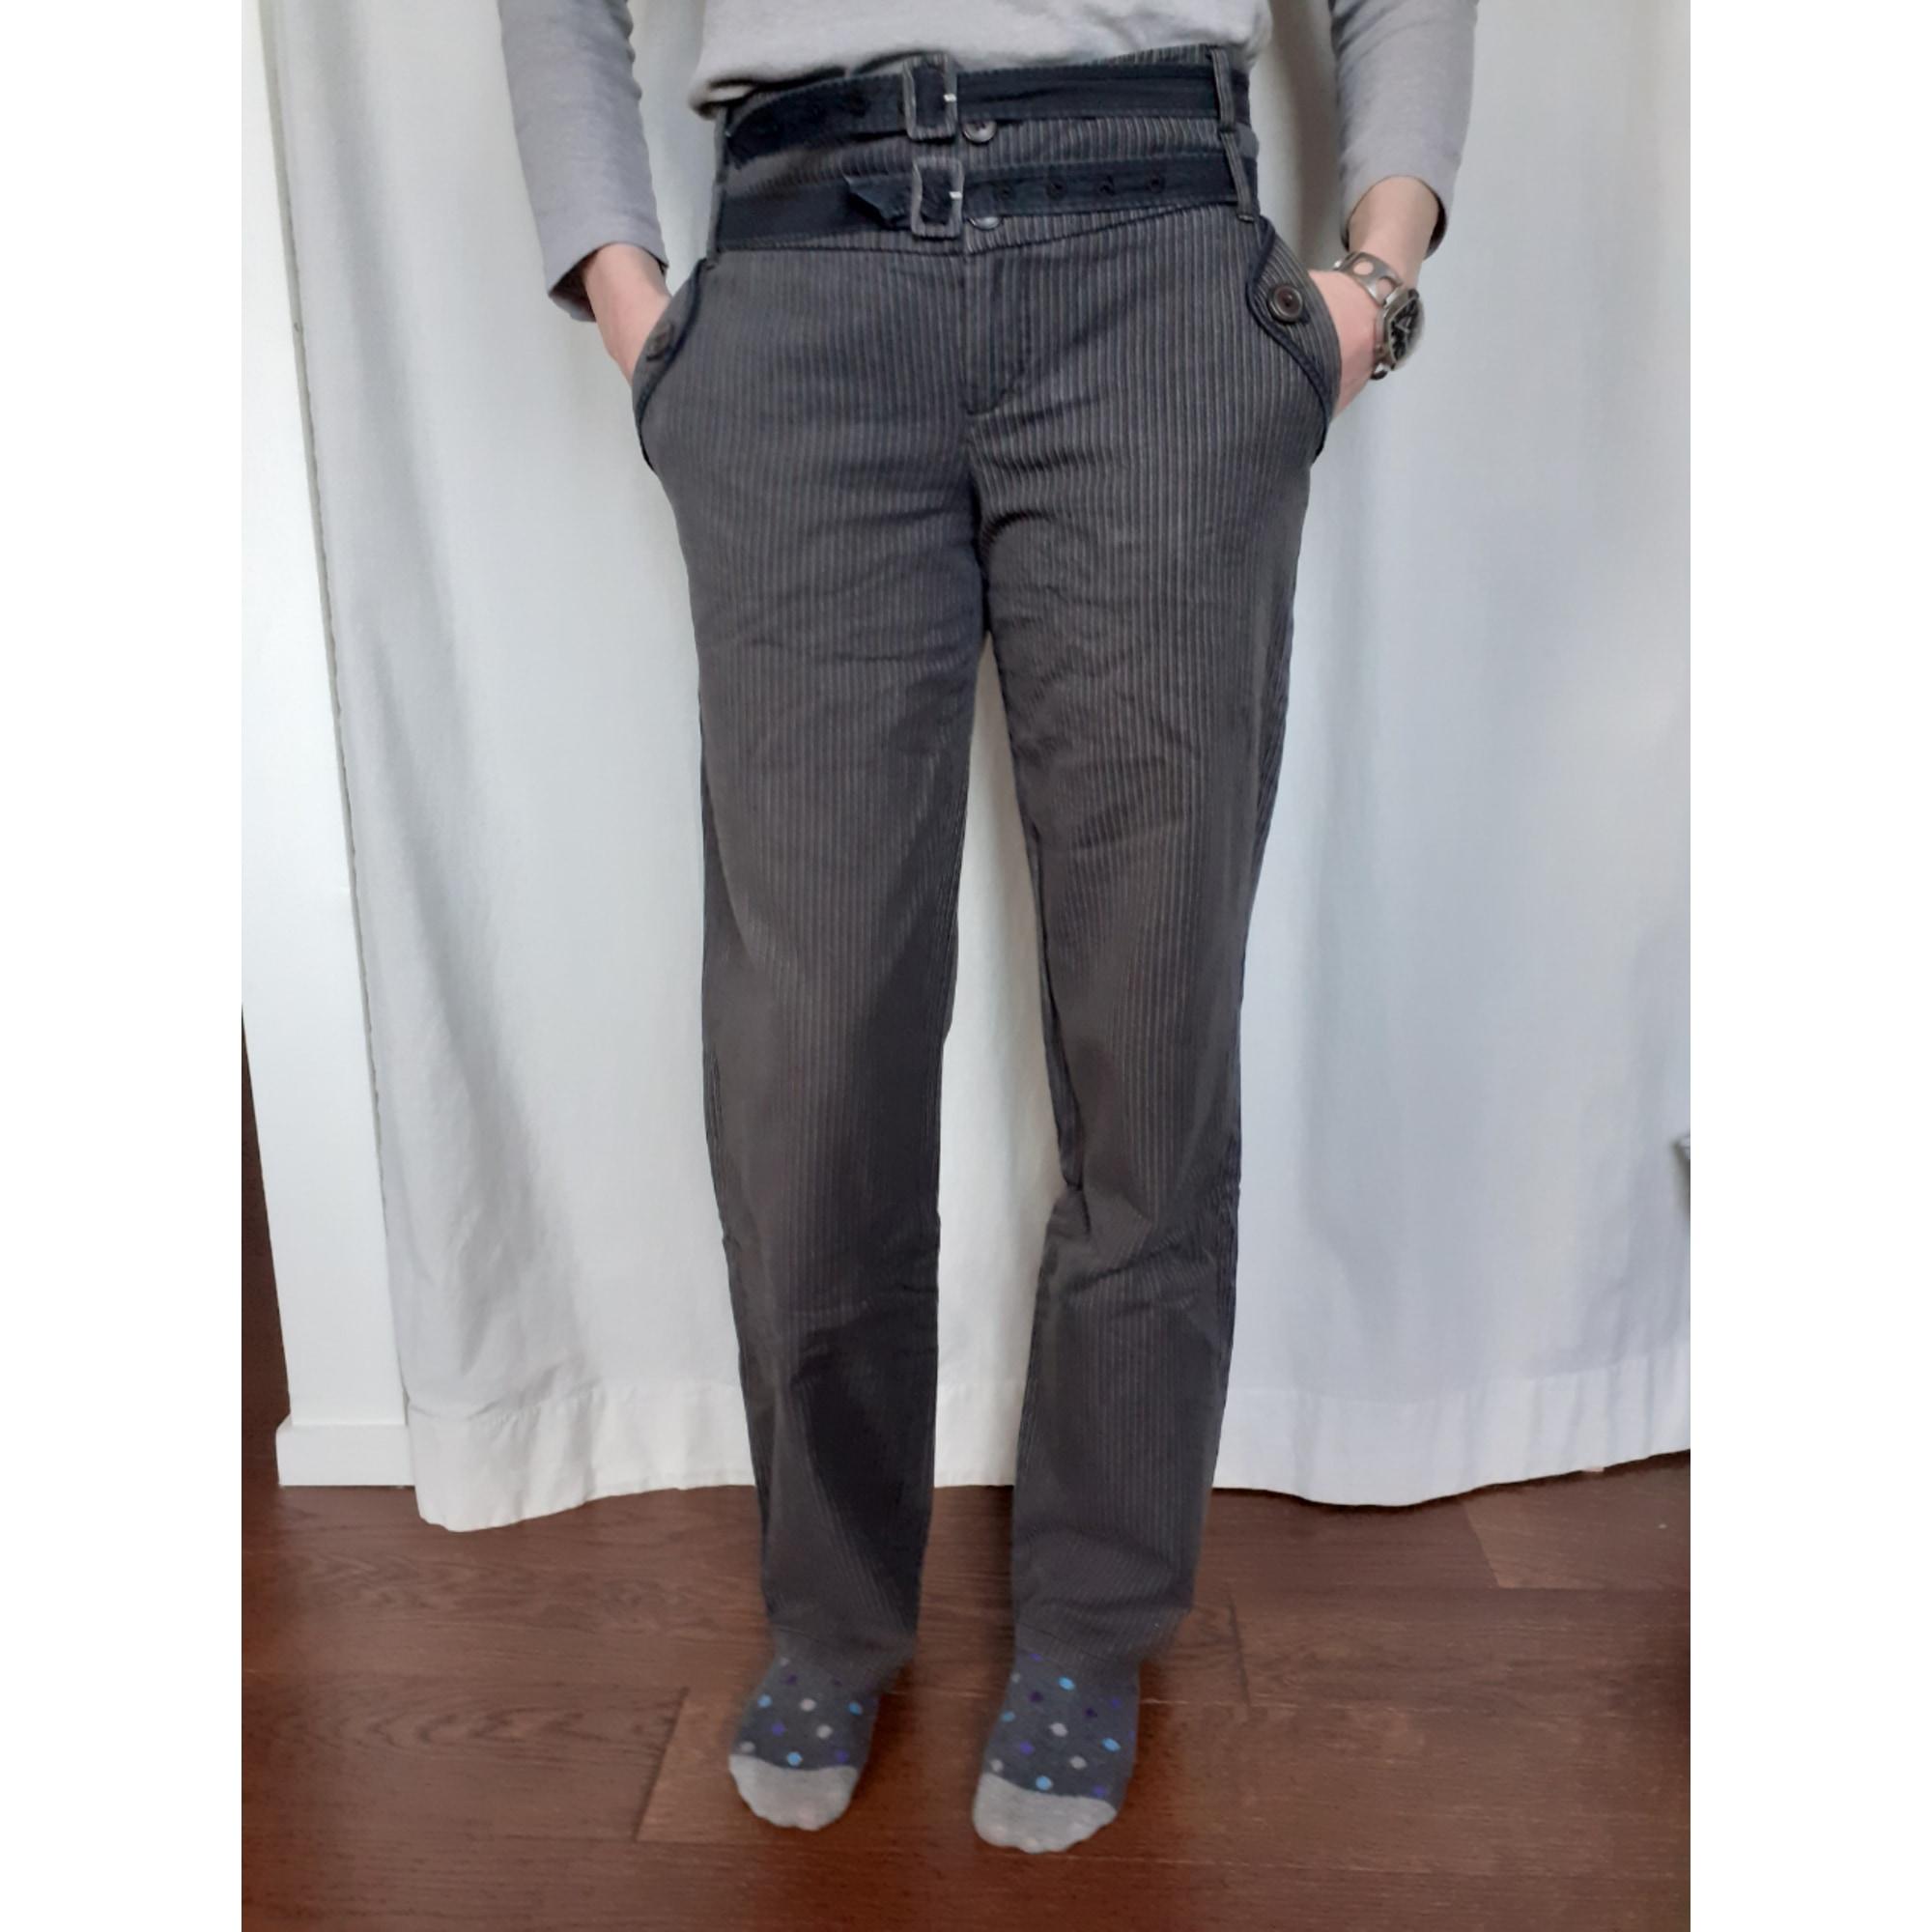 Pantalon droit MARQUE INCONNUE Gris, anthracite